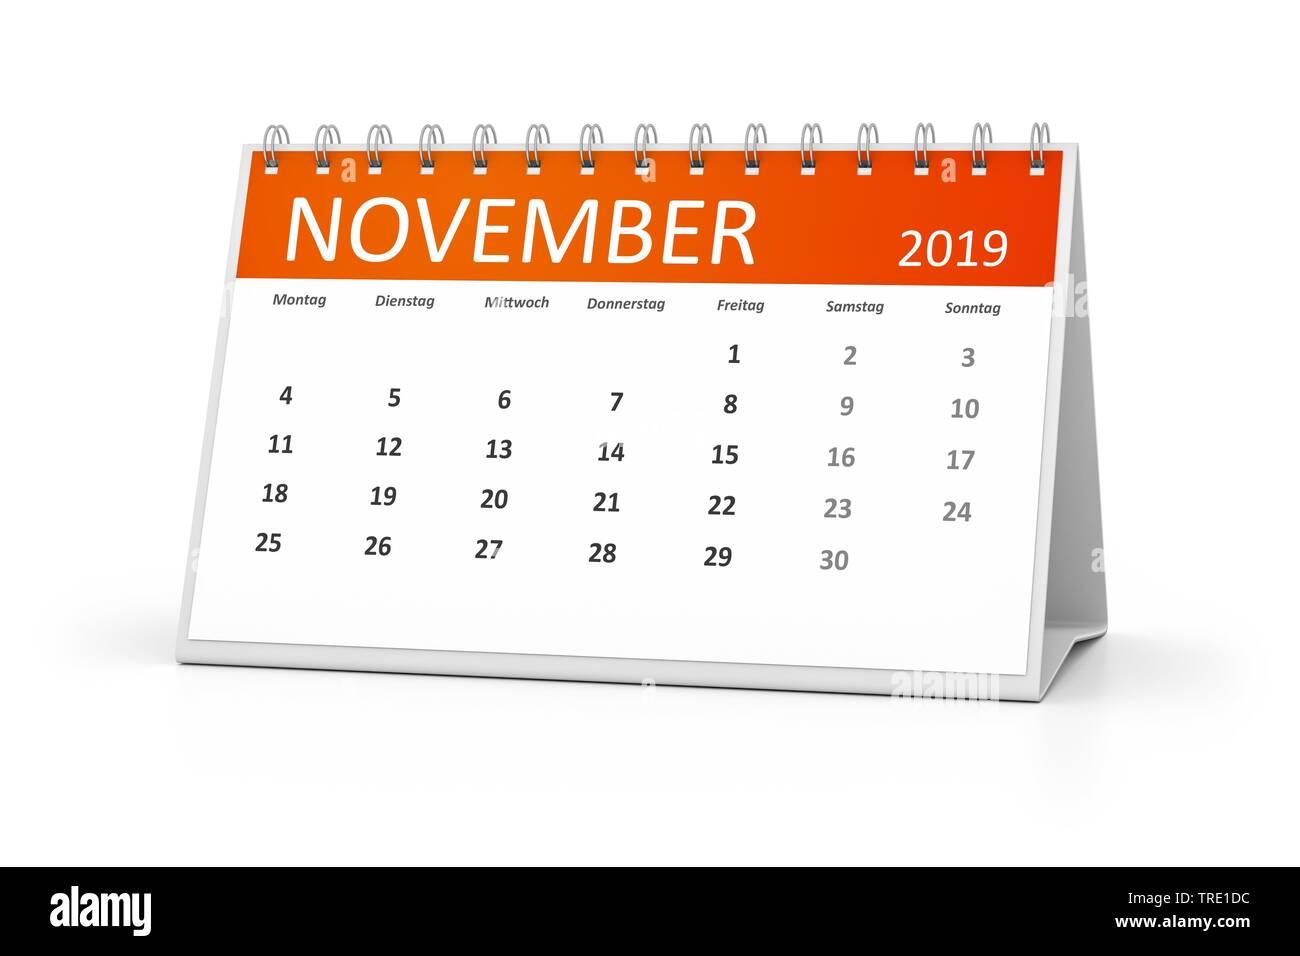 Kalenderblatt fuer den November 2019 | a table calendar for your events 2019 November 3d illustration | BLWS514584.jpg [ (c) blickwinkel/McPHOTO/M. Ga - Stock Image